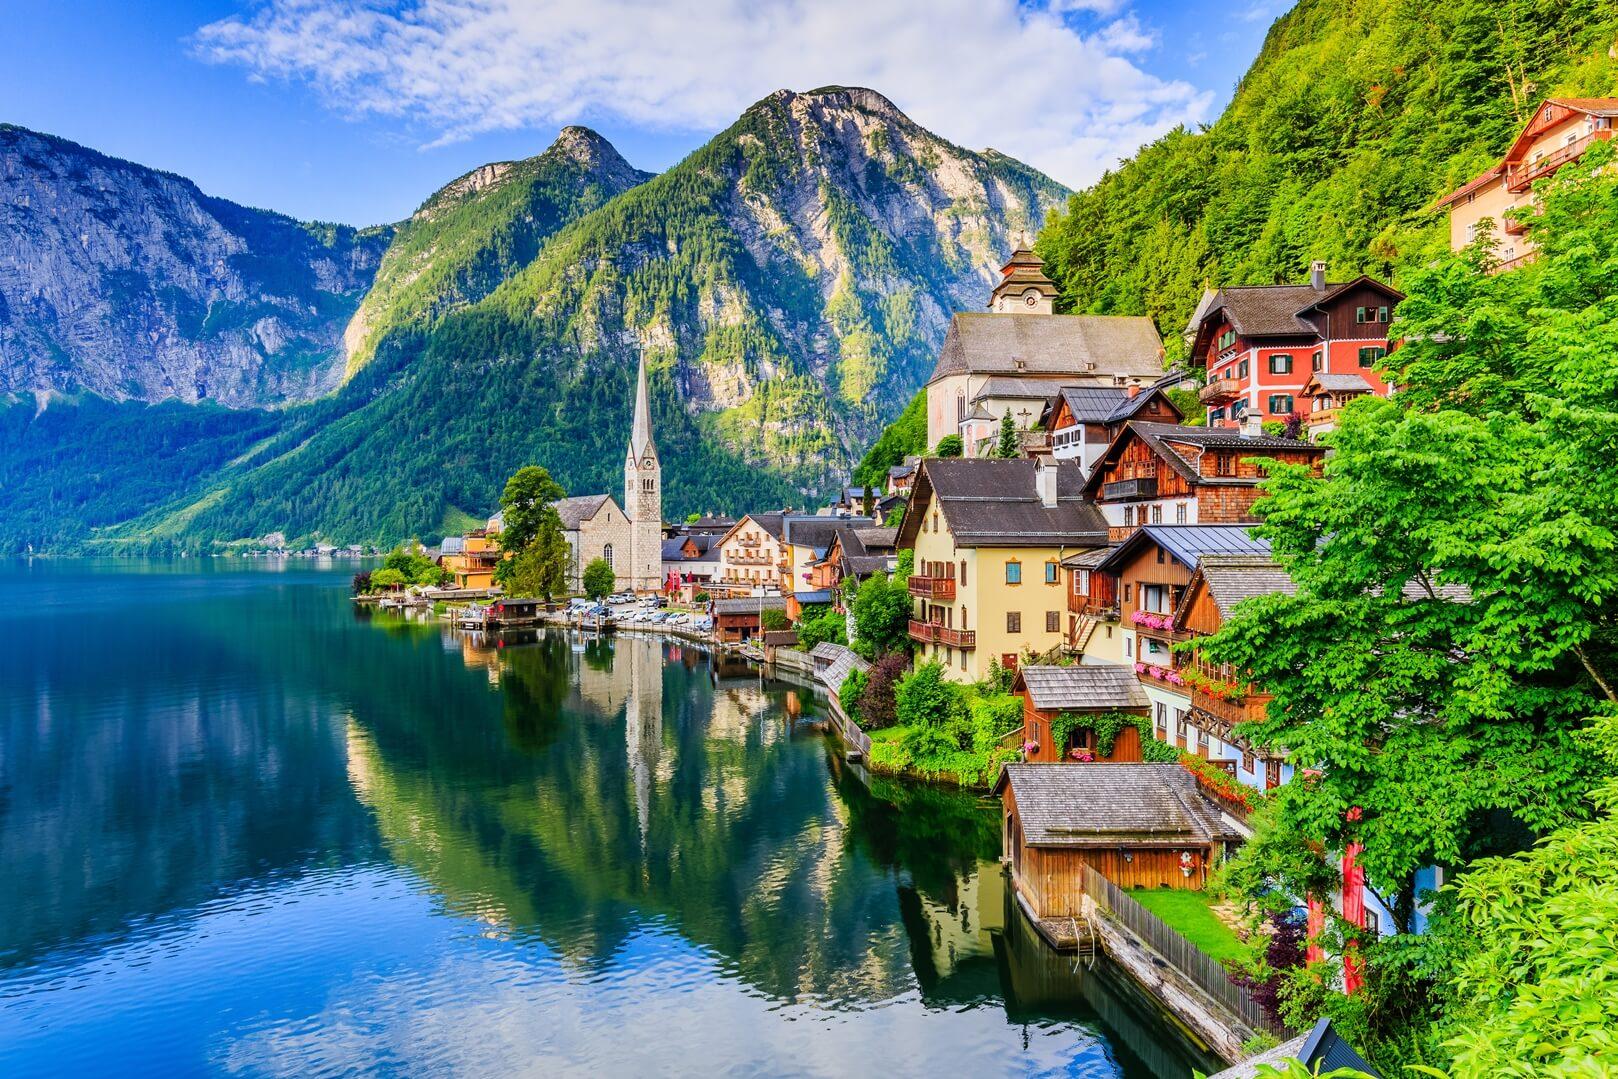 Vakantie Oostenrijk - De Mooiste Vakanties en Rondreizen ...